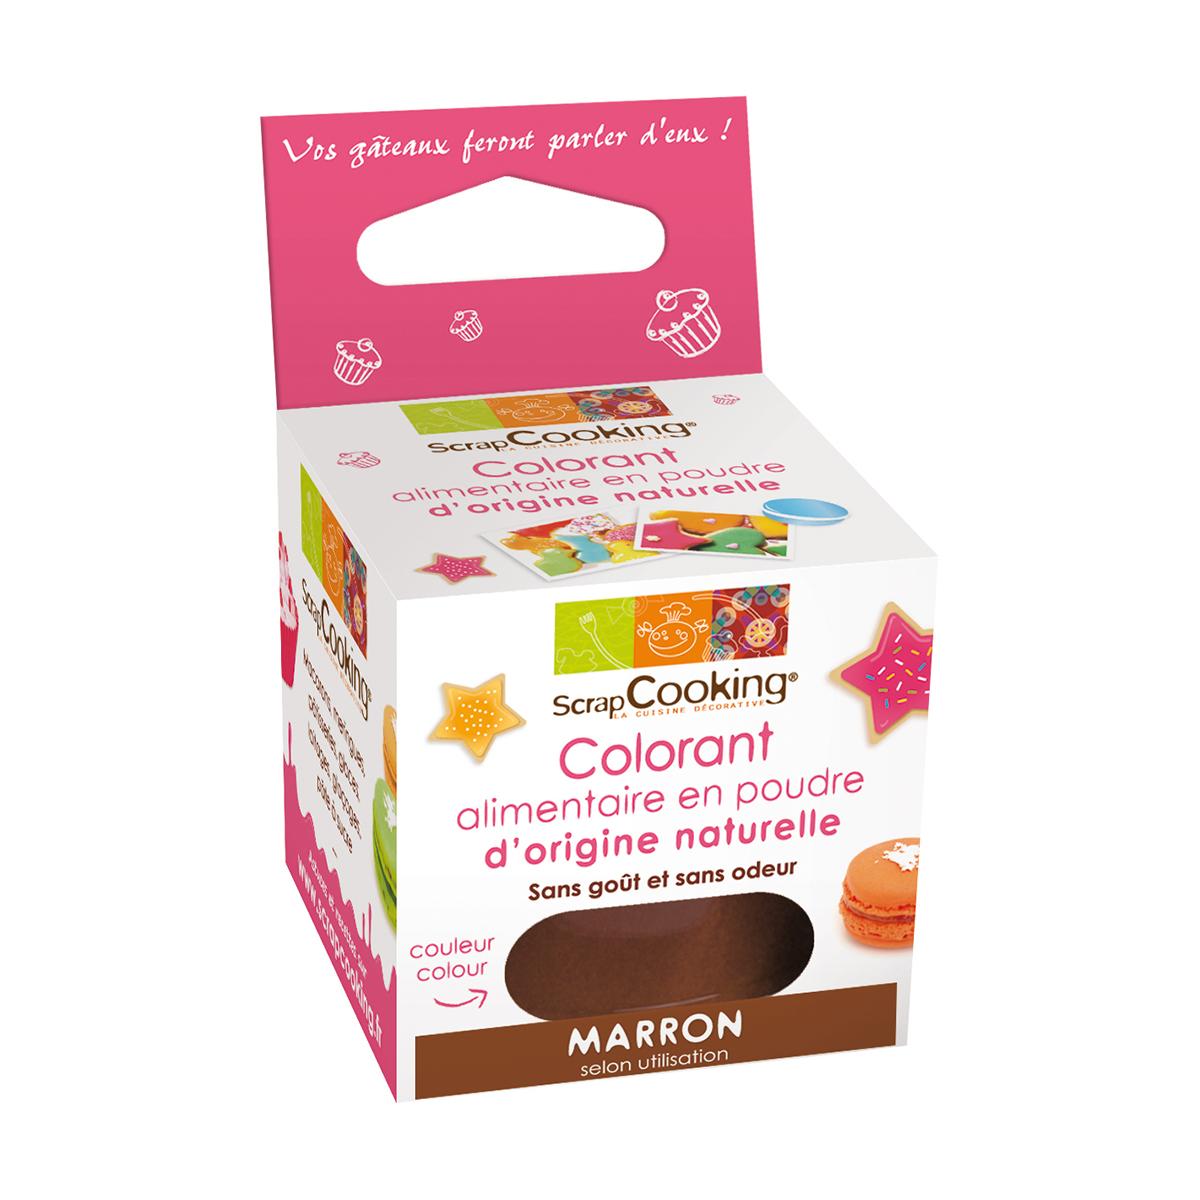 Image du produit Colorant alimentaire d'origine naturelle - marron - Scrapcooking